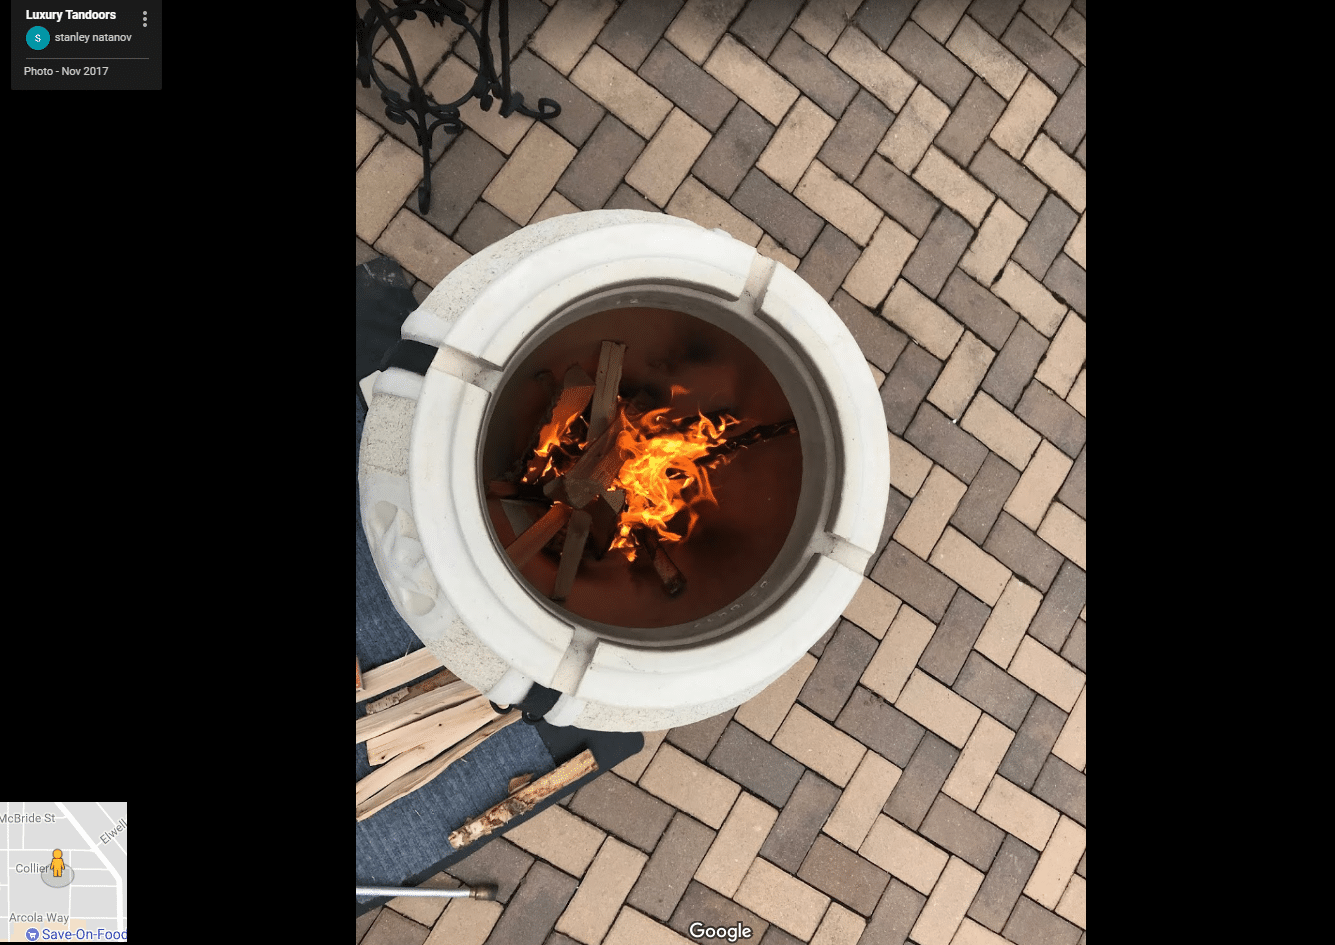 Luxury Tandoors - Luxury Outdoor Home Tandoor BBQ and